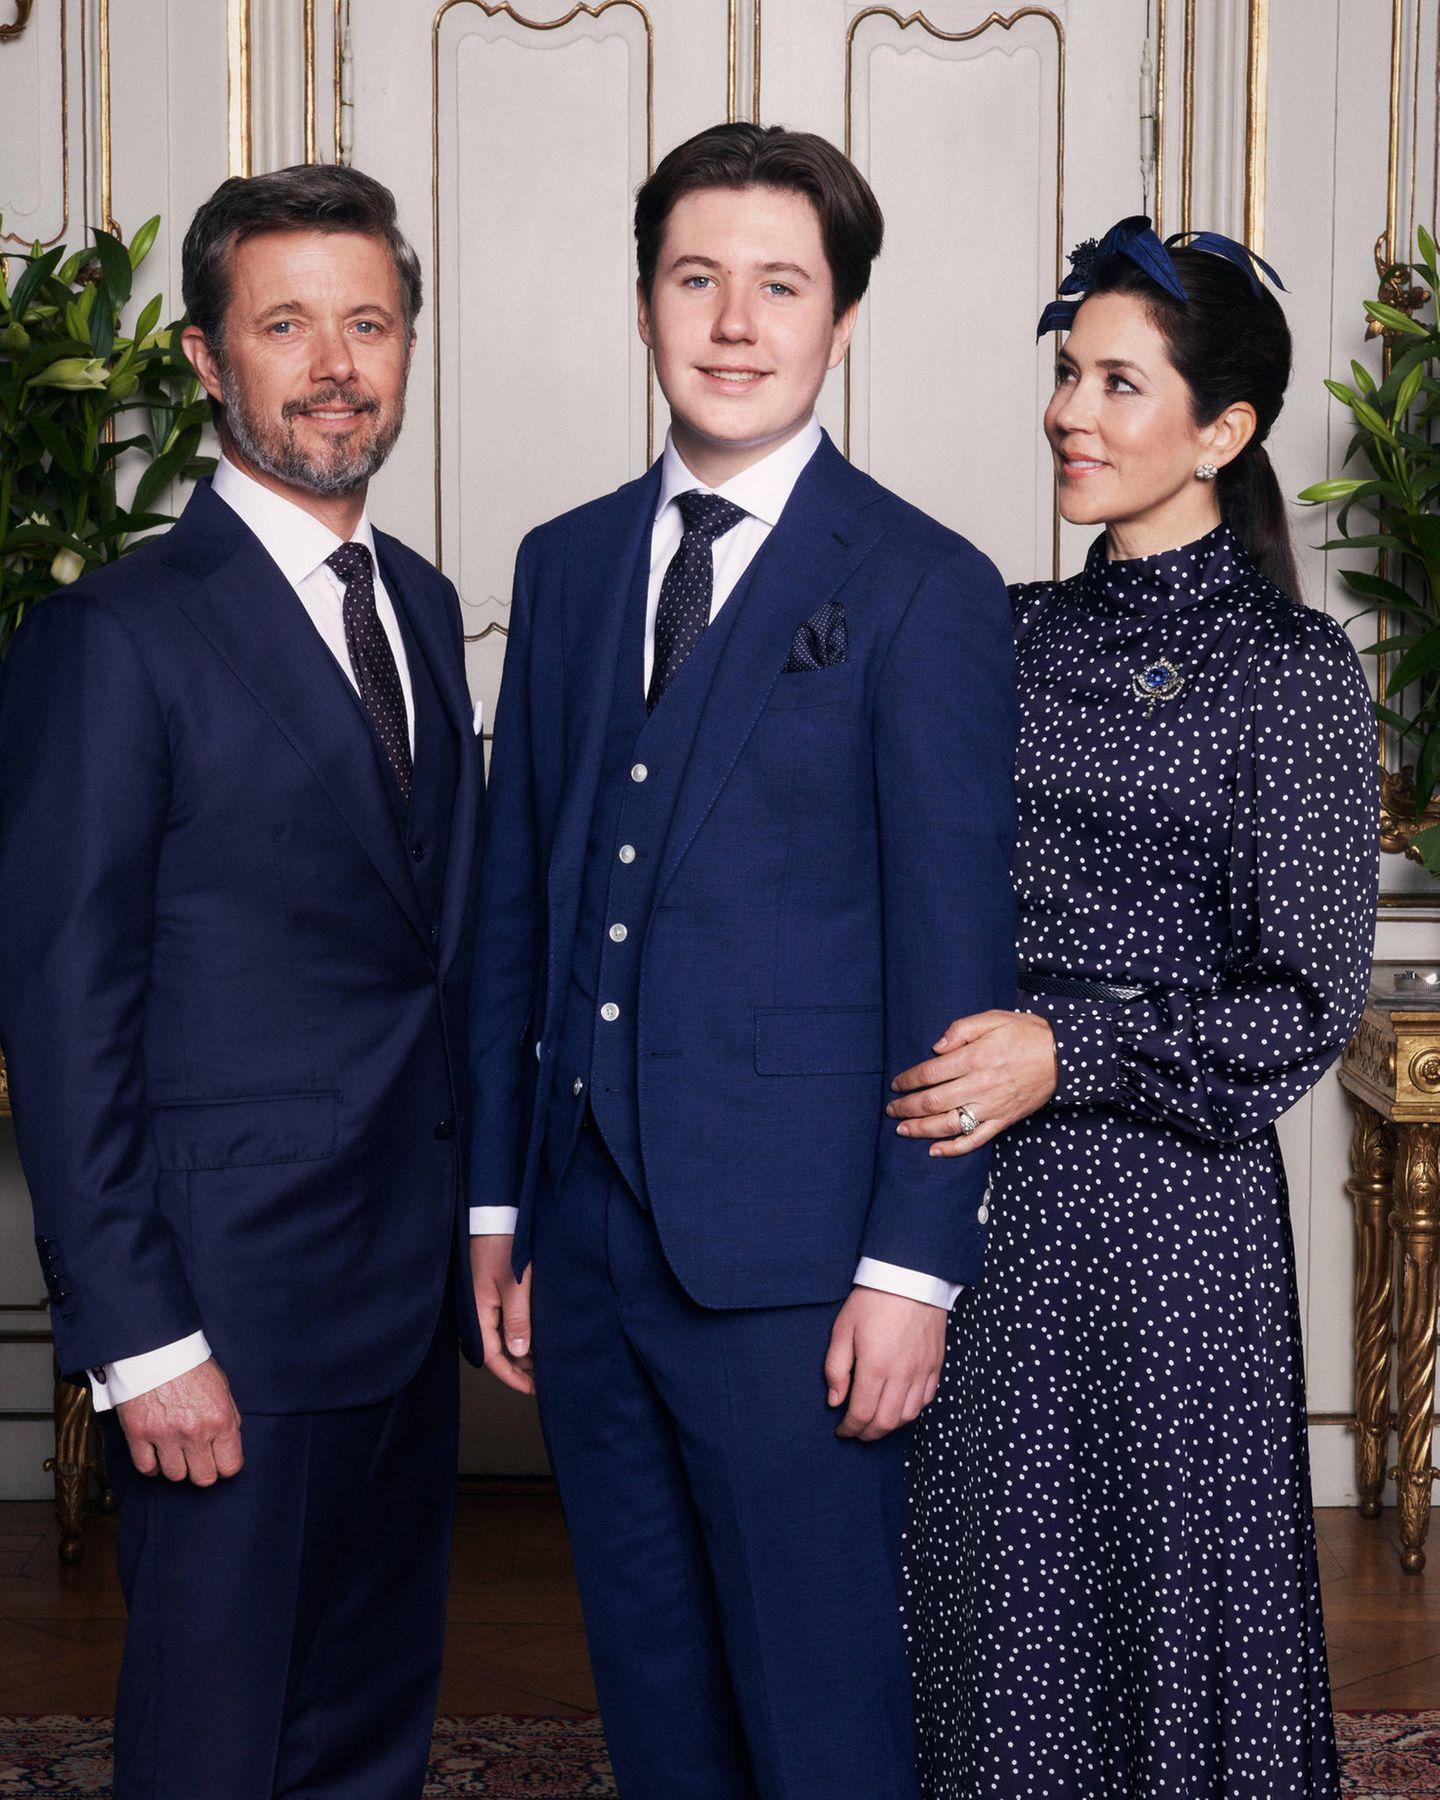 15. Mai 2021  Die Konfirmation von Prinz Christian findet aufgrund der Pandemie im engsten Familienkreis statt. Der dänische Royal strahlt für das offizielle Porträt mit seinen Eltern, Kronprinz Frederik und Kronprinzessin Mary, in die Kamera.